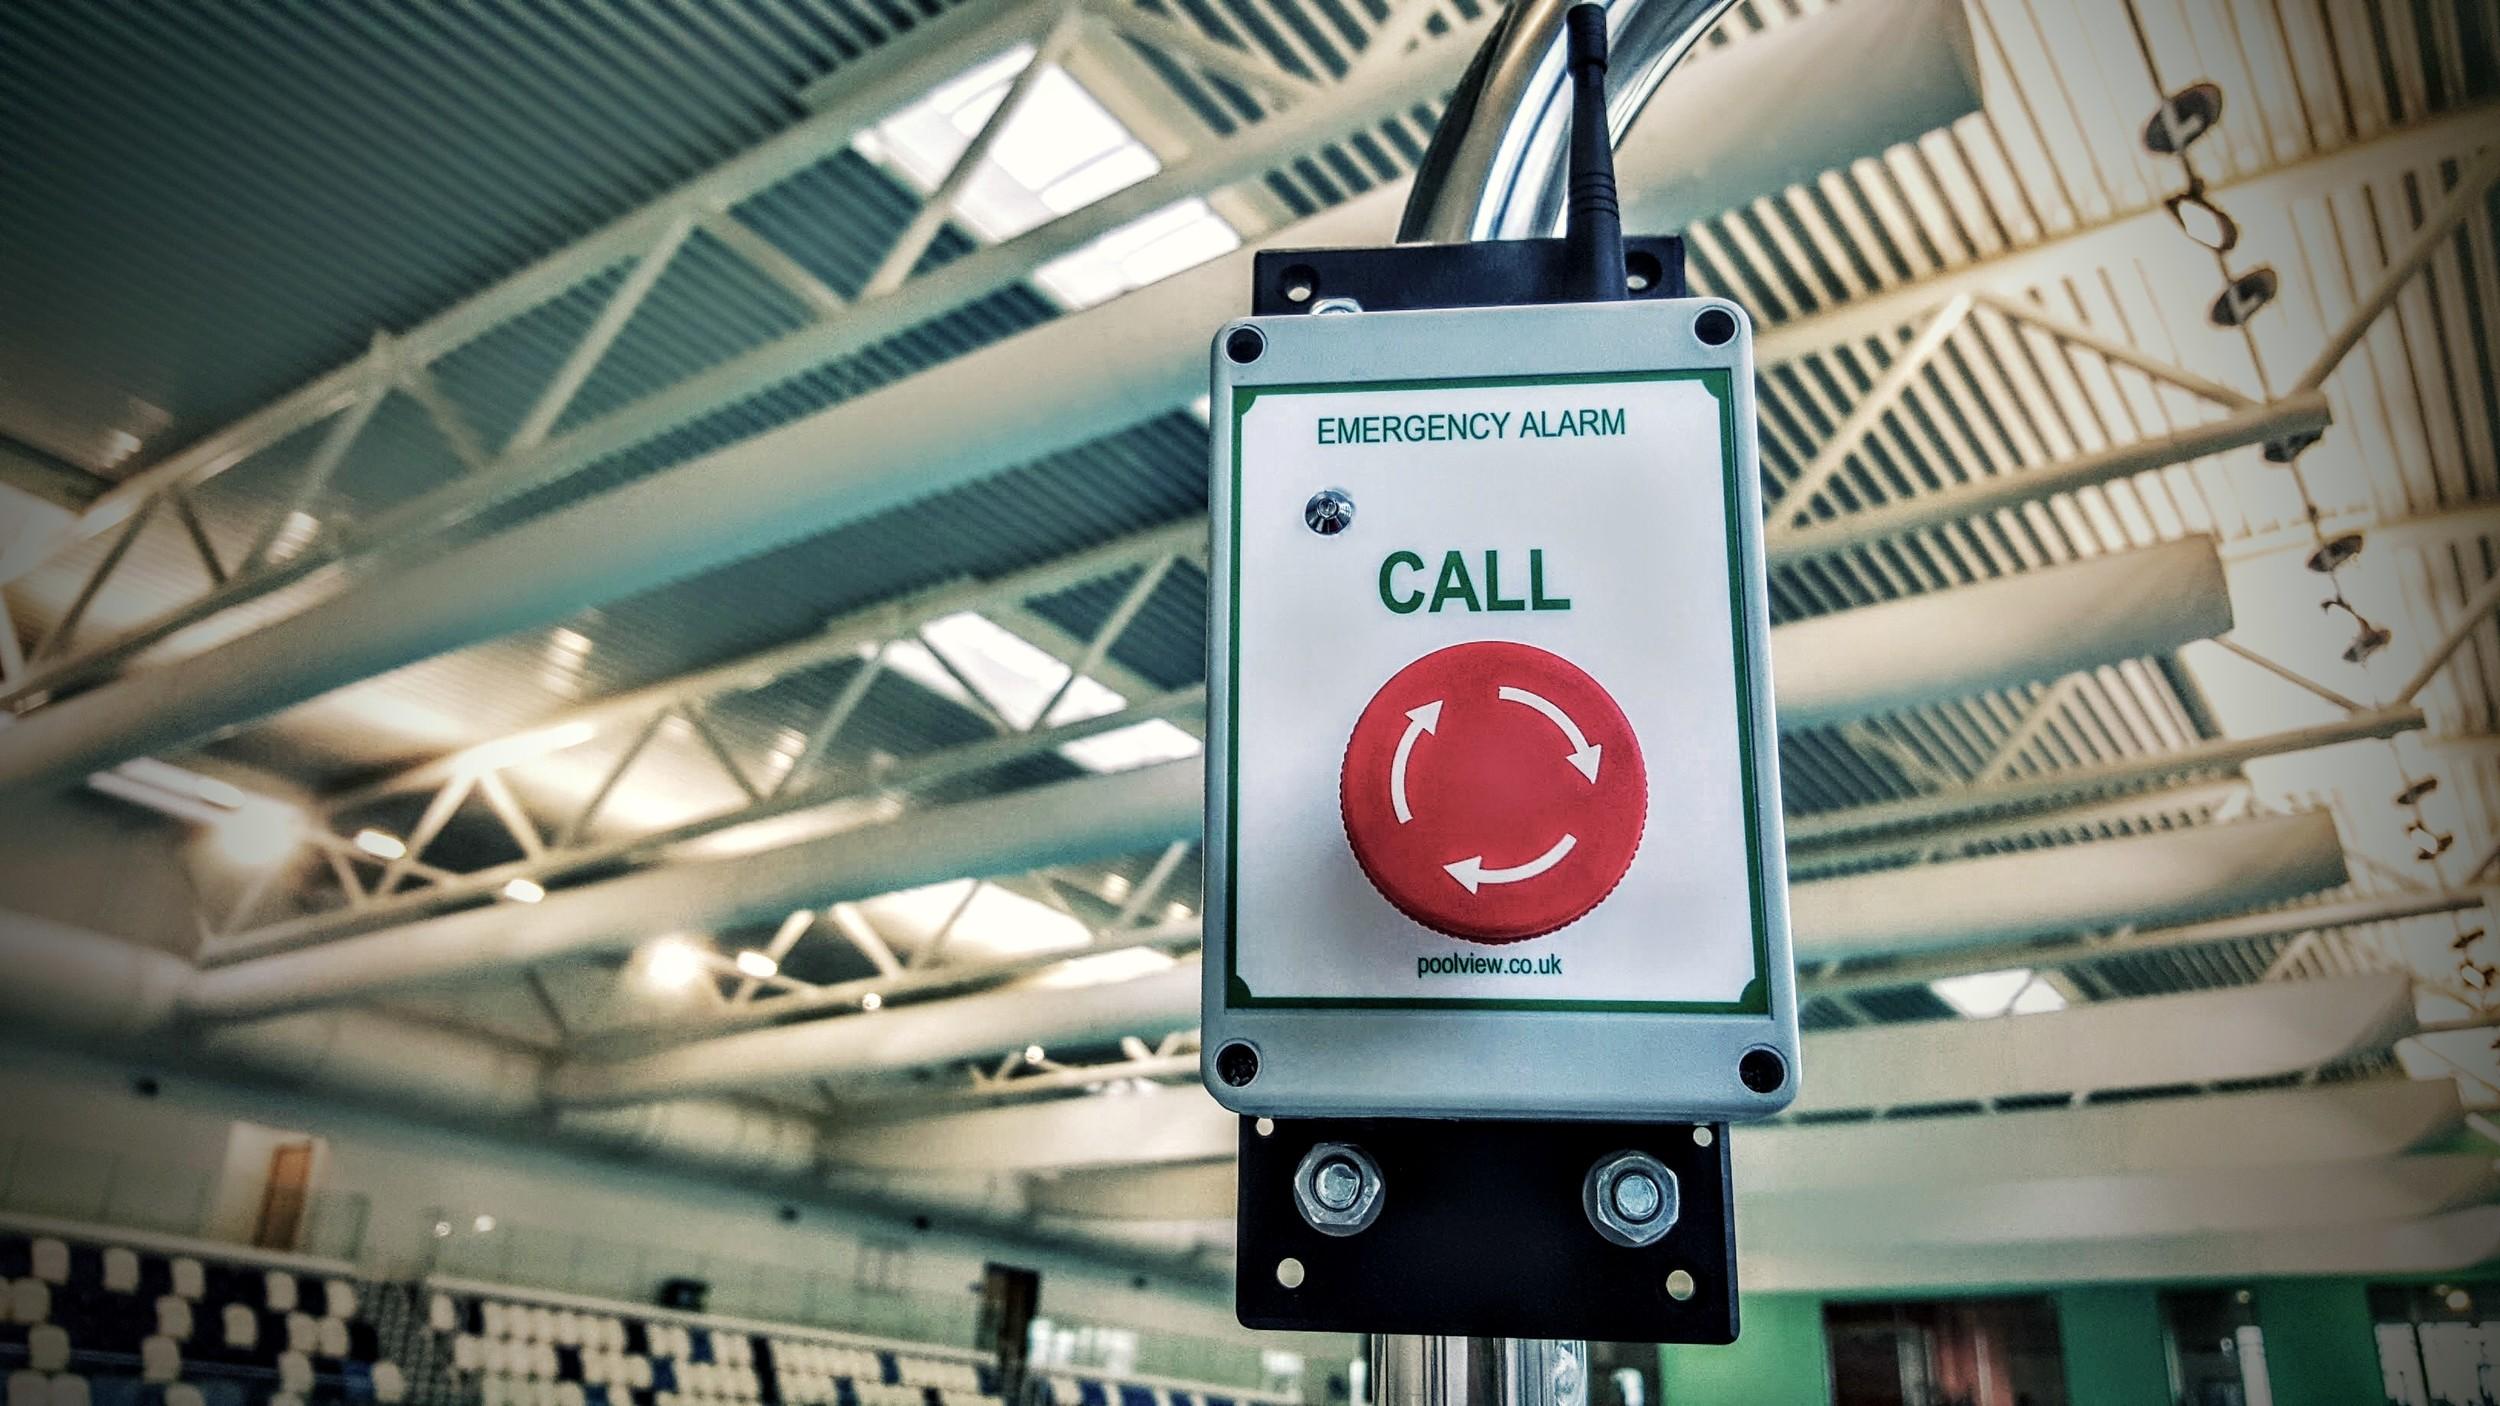 Wireless Emergency Alarm System